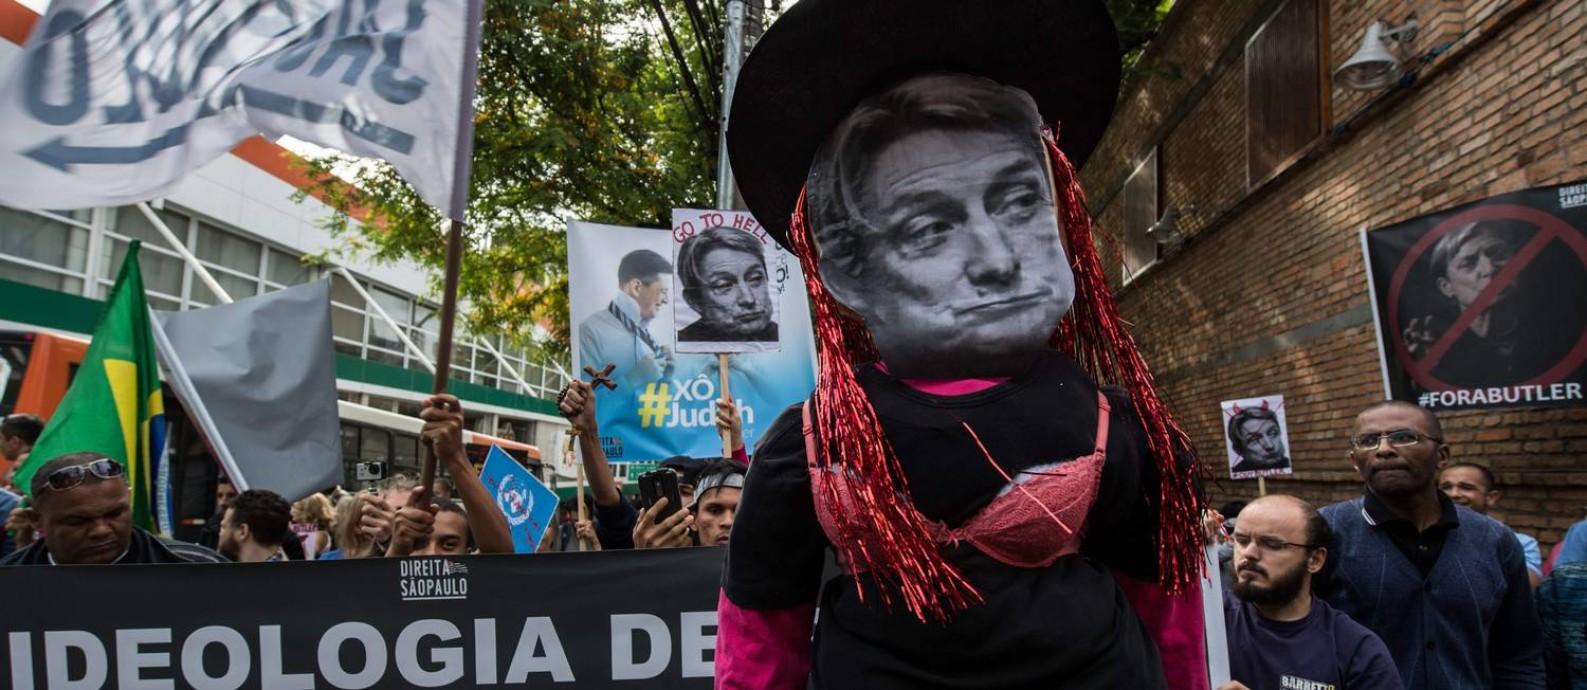 Protesto em São Paulo contra a filósofa Judith Butler Foto: NELSON ALMEIDA / AFP